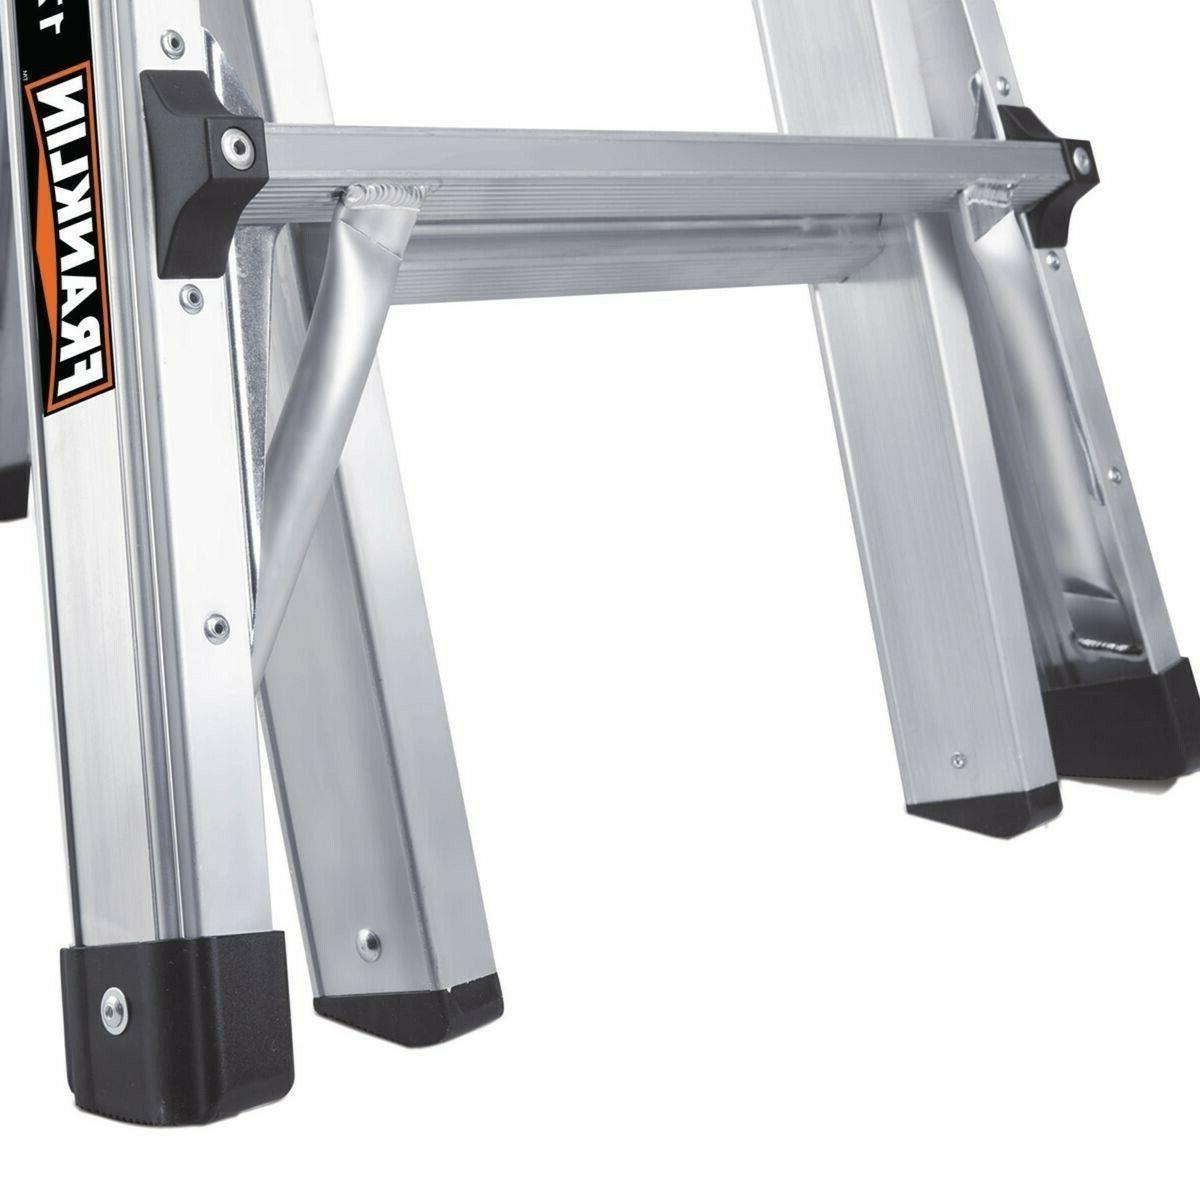 BRAND 17 Ft. Ladder Little Giant